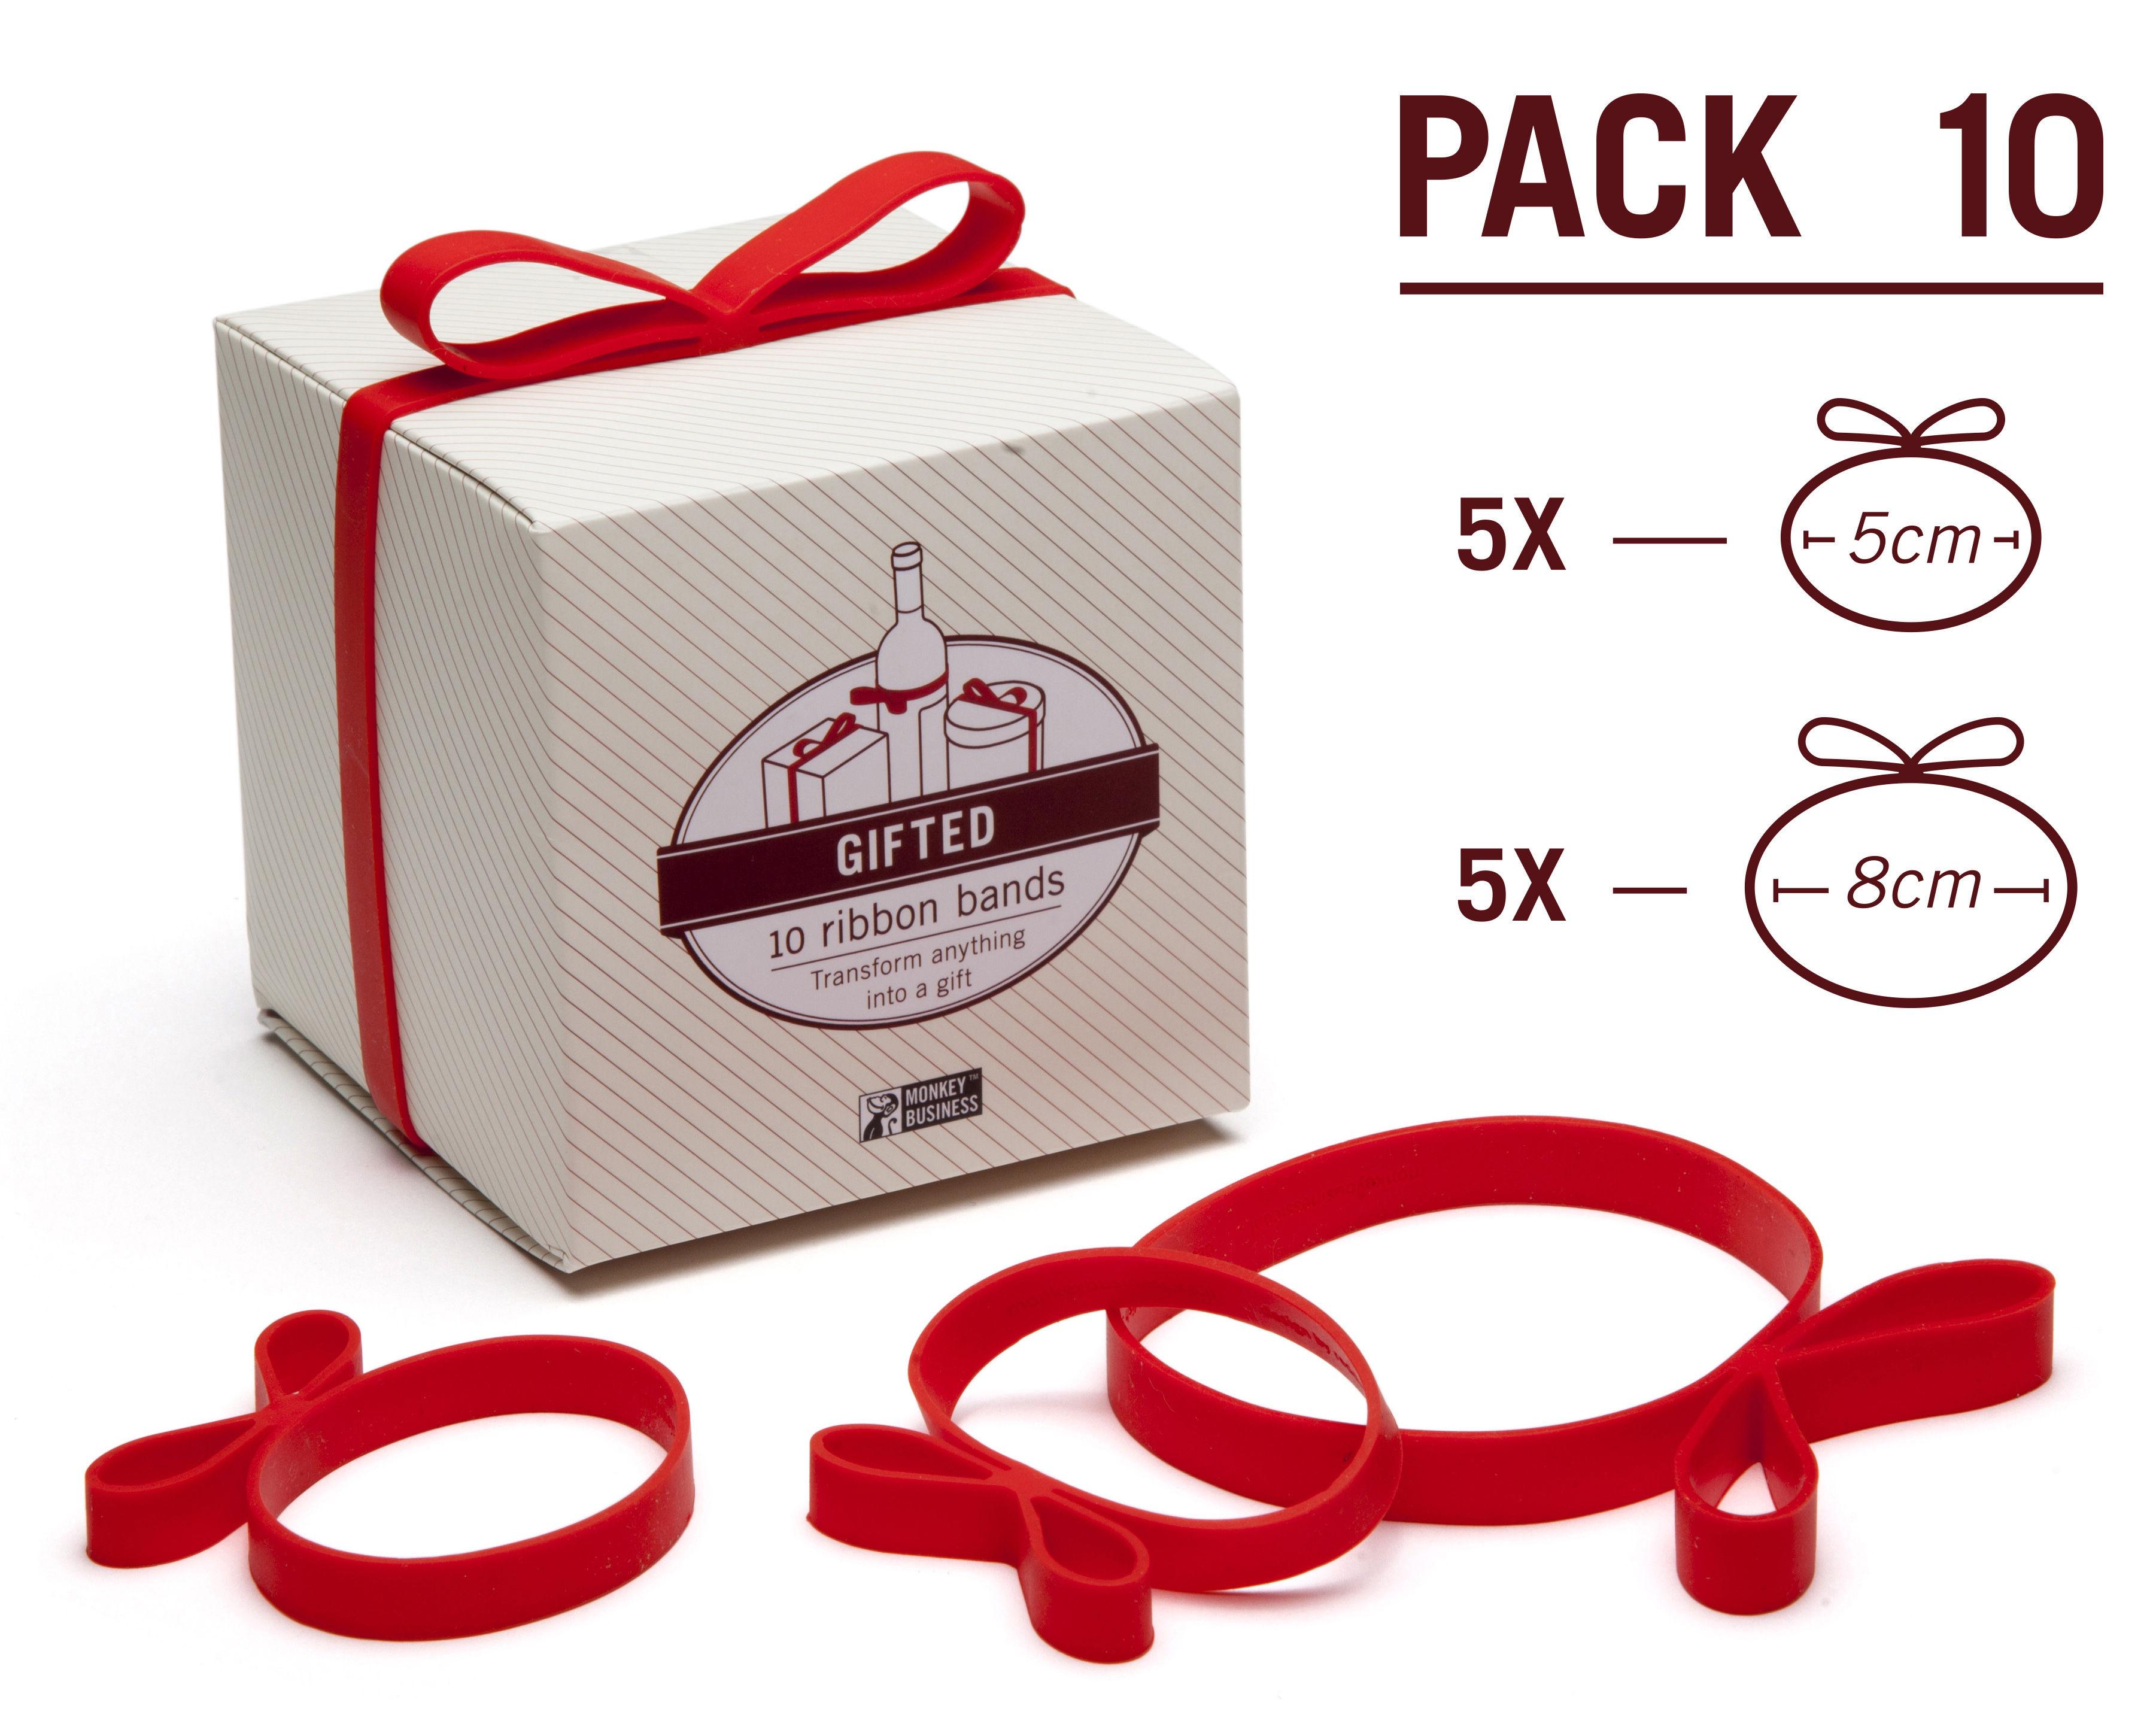 elastique gifted en forme de ruban pour cadeaux lot de 10 rouge pa design. Black Bedroom Furniture Sets. Home Design Ideas